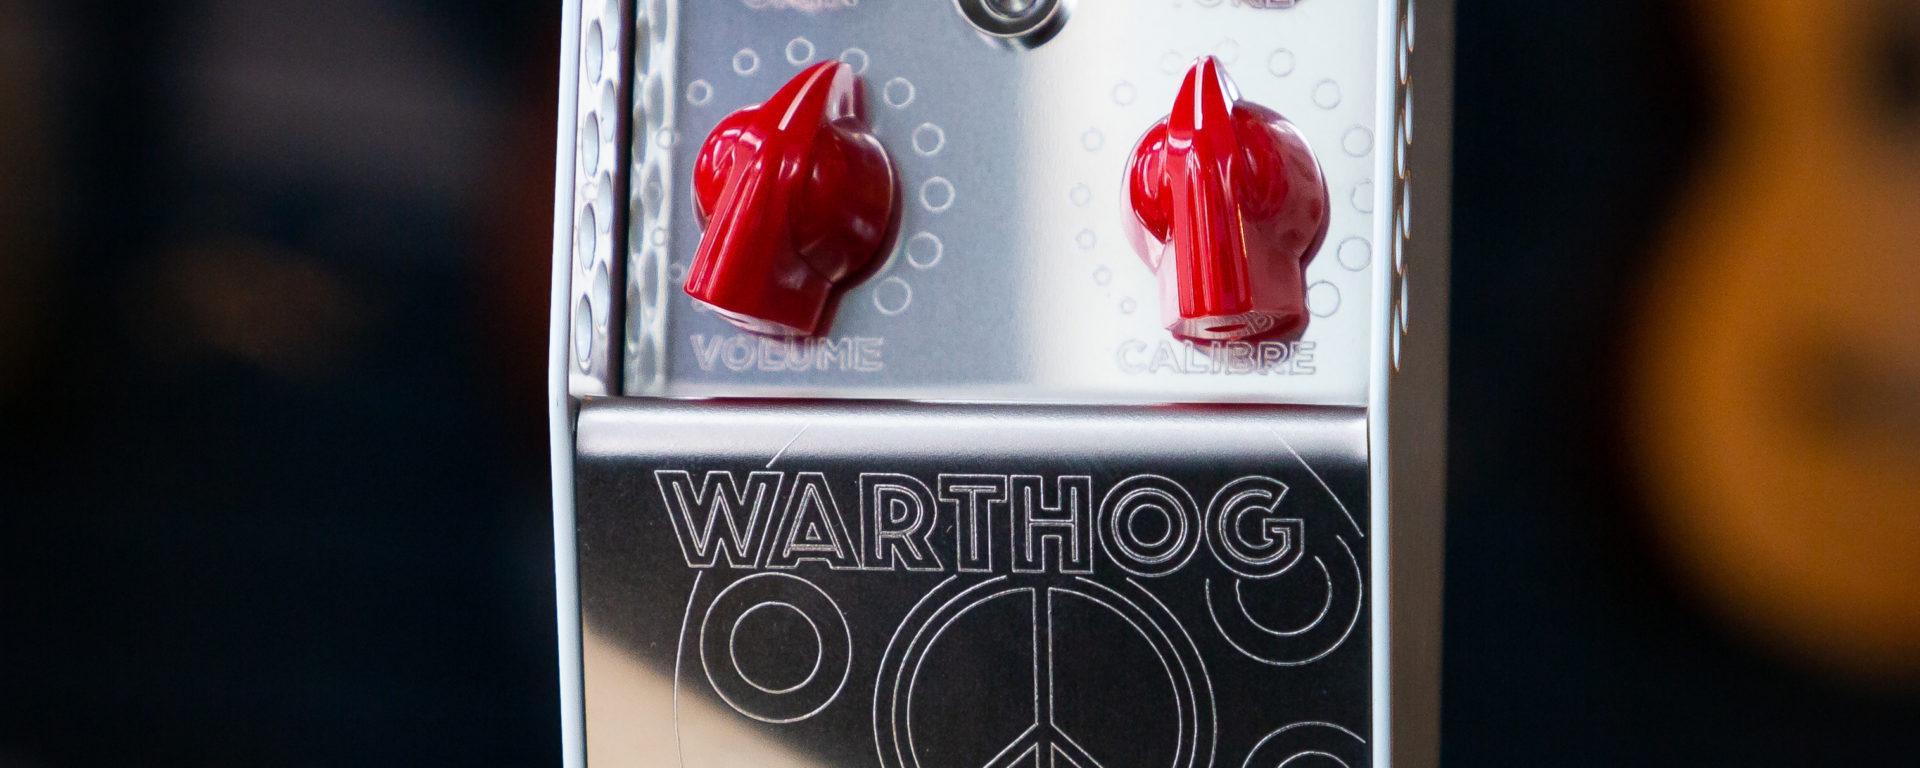 ThorpyFX Warthog